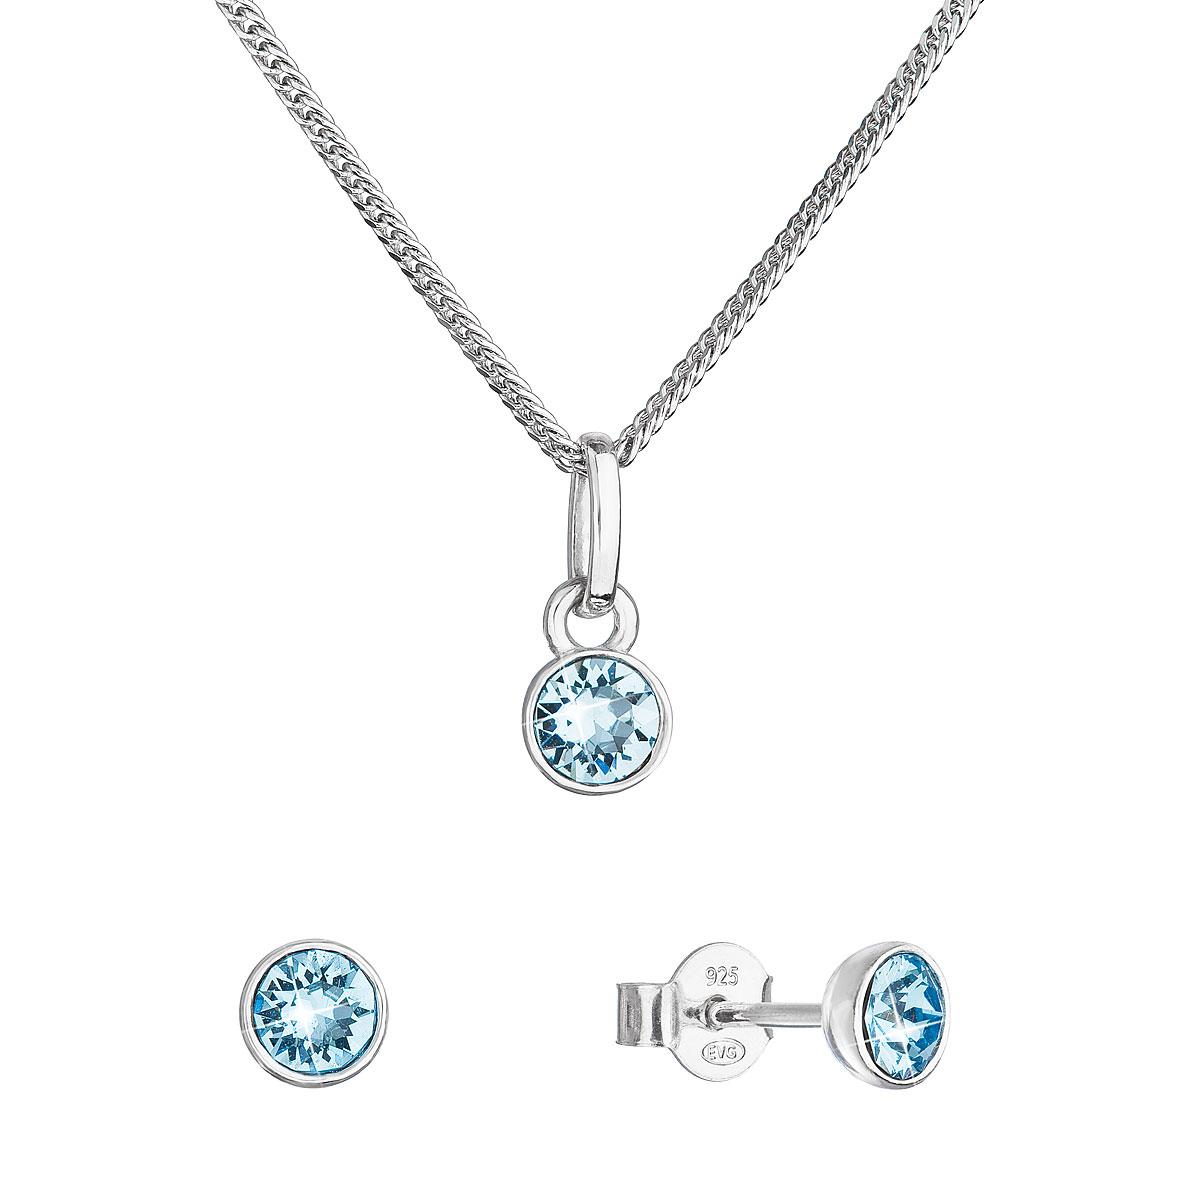 Evolution Group Sada šperků s krystaly Swarovski náušnice, řetízek a přívěsek modré 39177.3 aqua